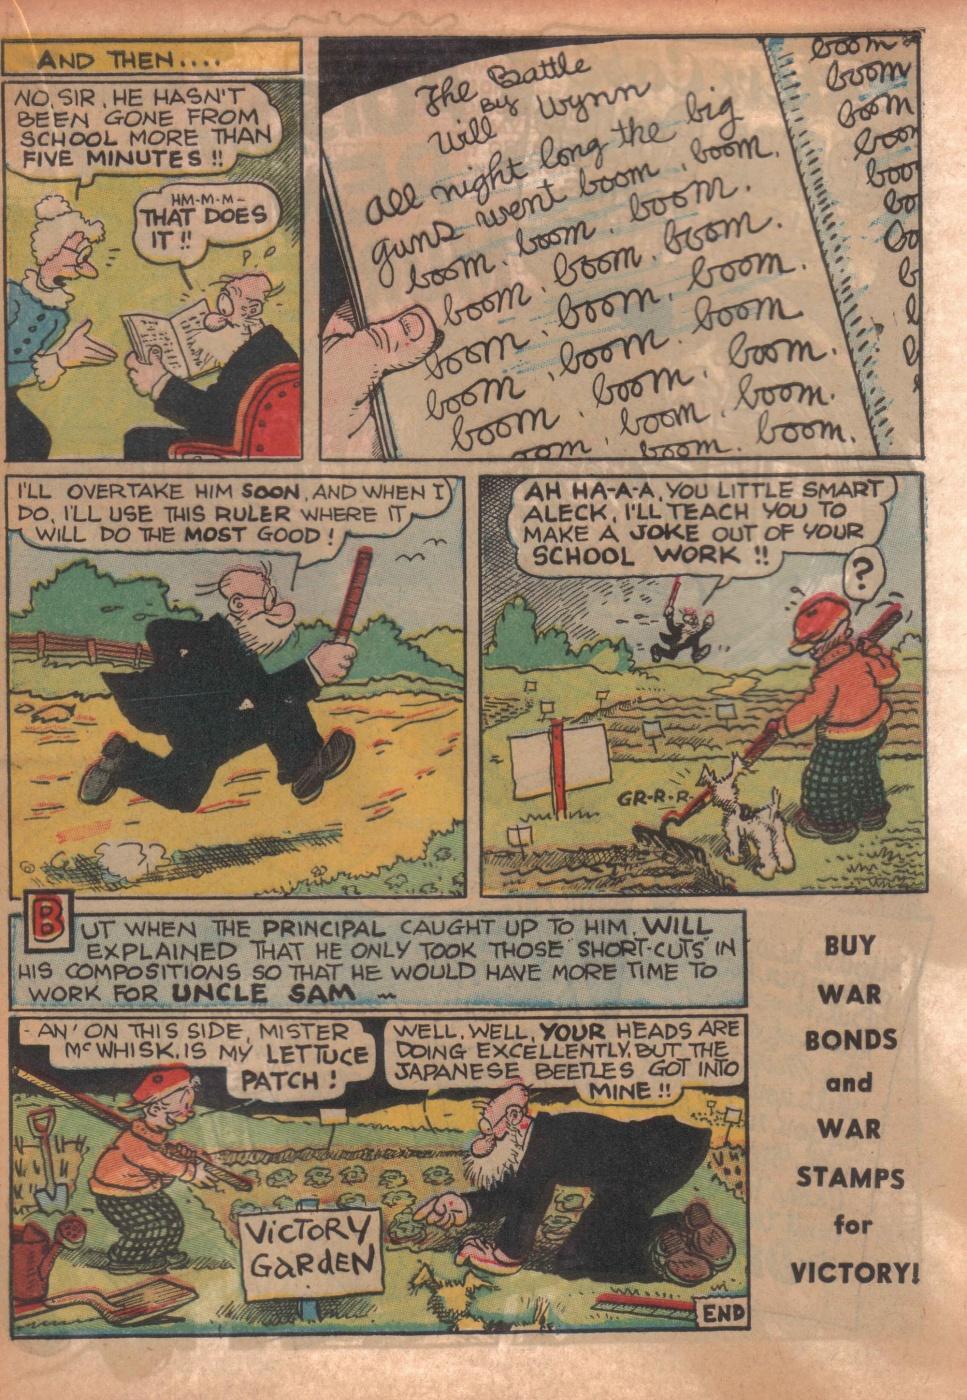 Super Dooper Funny Comics (17)